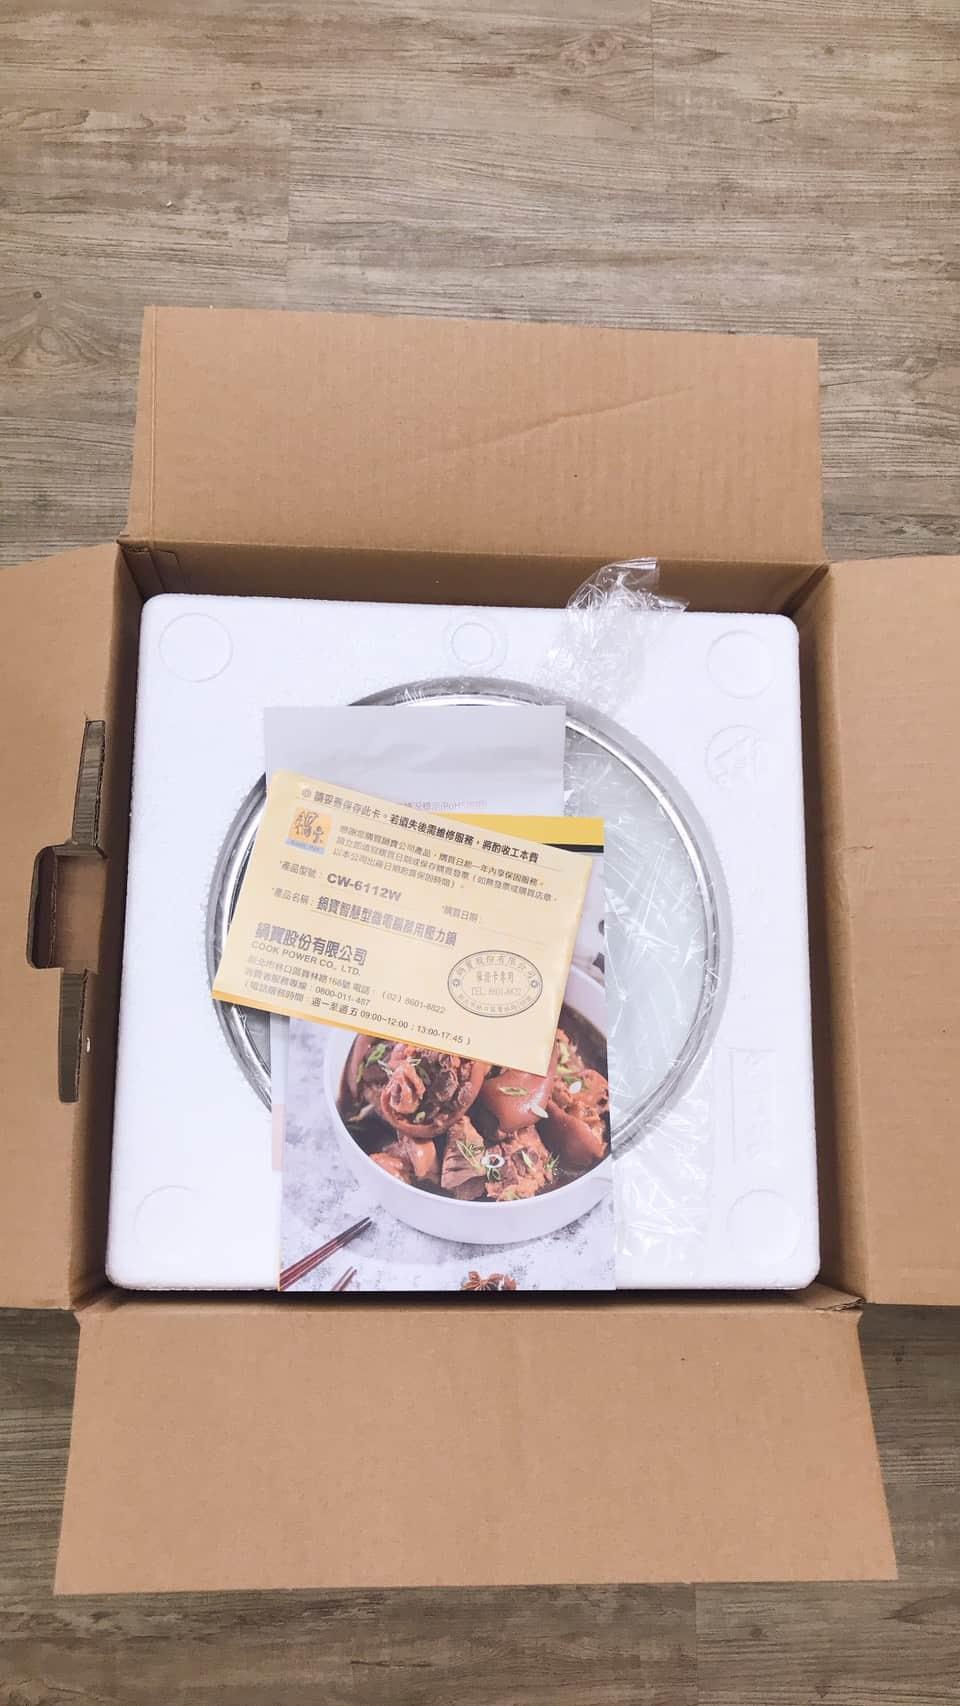 鍋寶萬用壓力鍋內箱